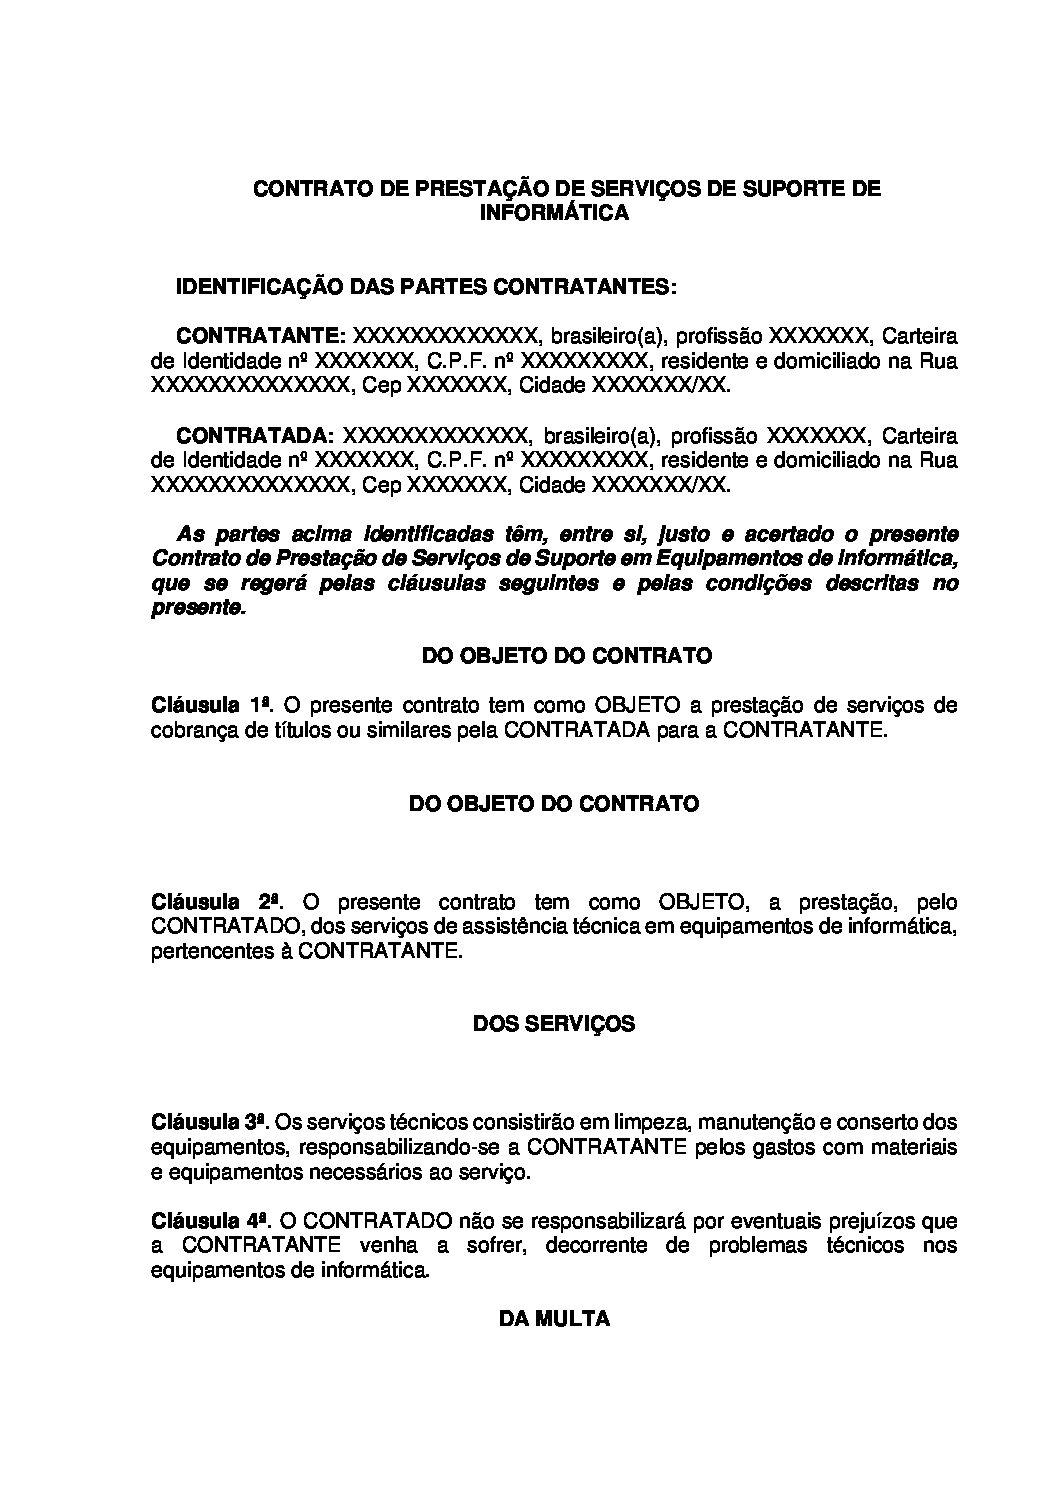 Contrato de Prestação de Serviços de Suporte de Informática